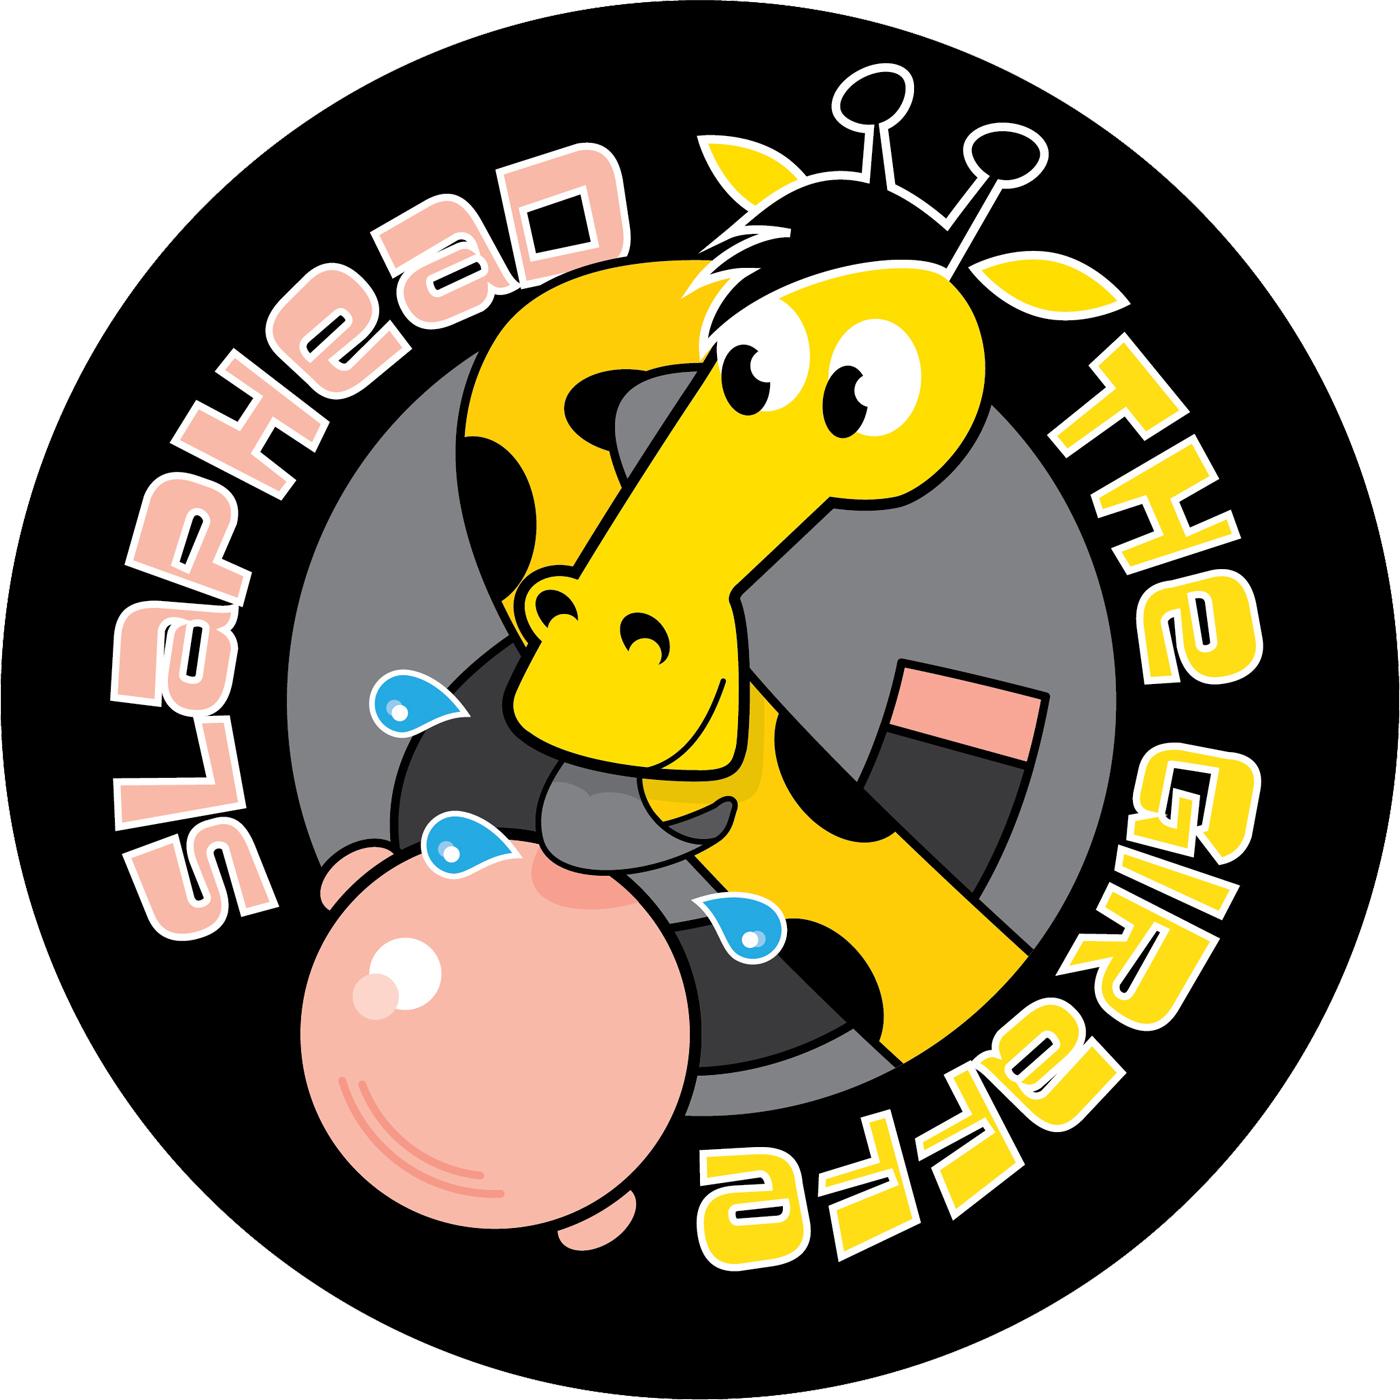 slaphead_logo